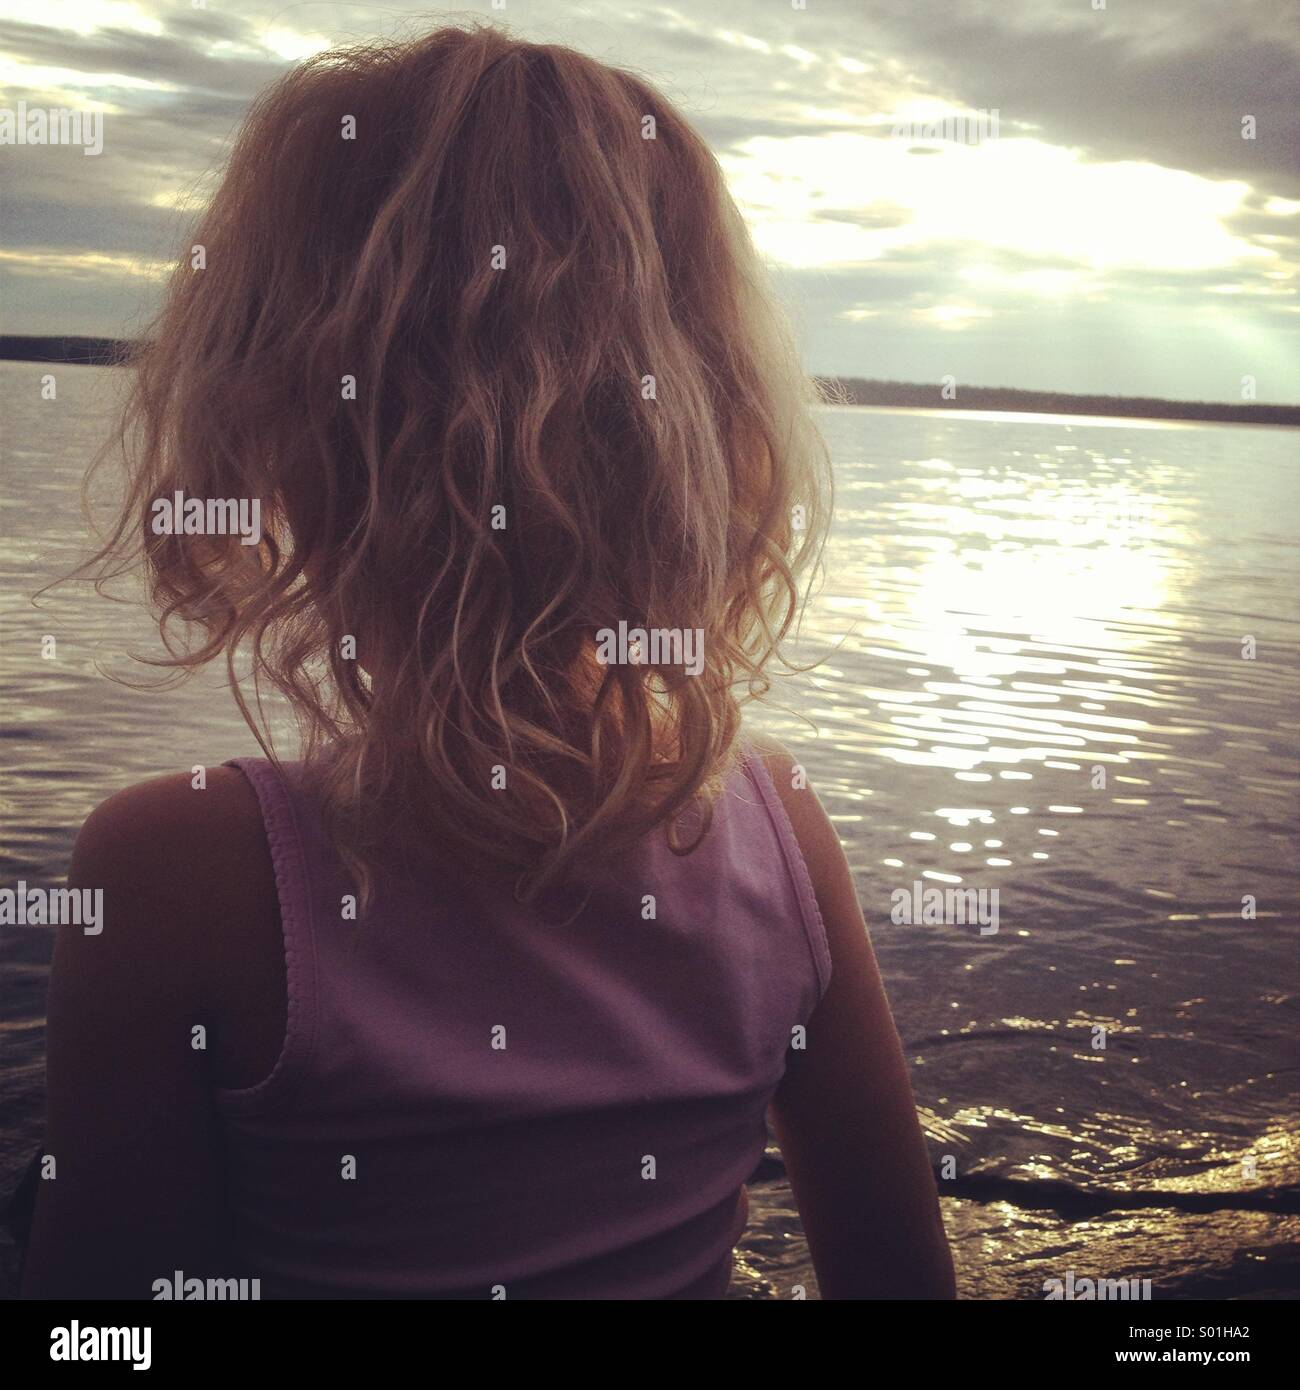 Une fille blonde à regarder le coucher de soleil sur un lac orageux Photo Stock